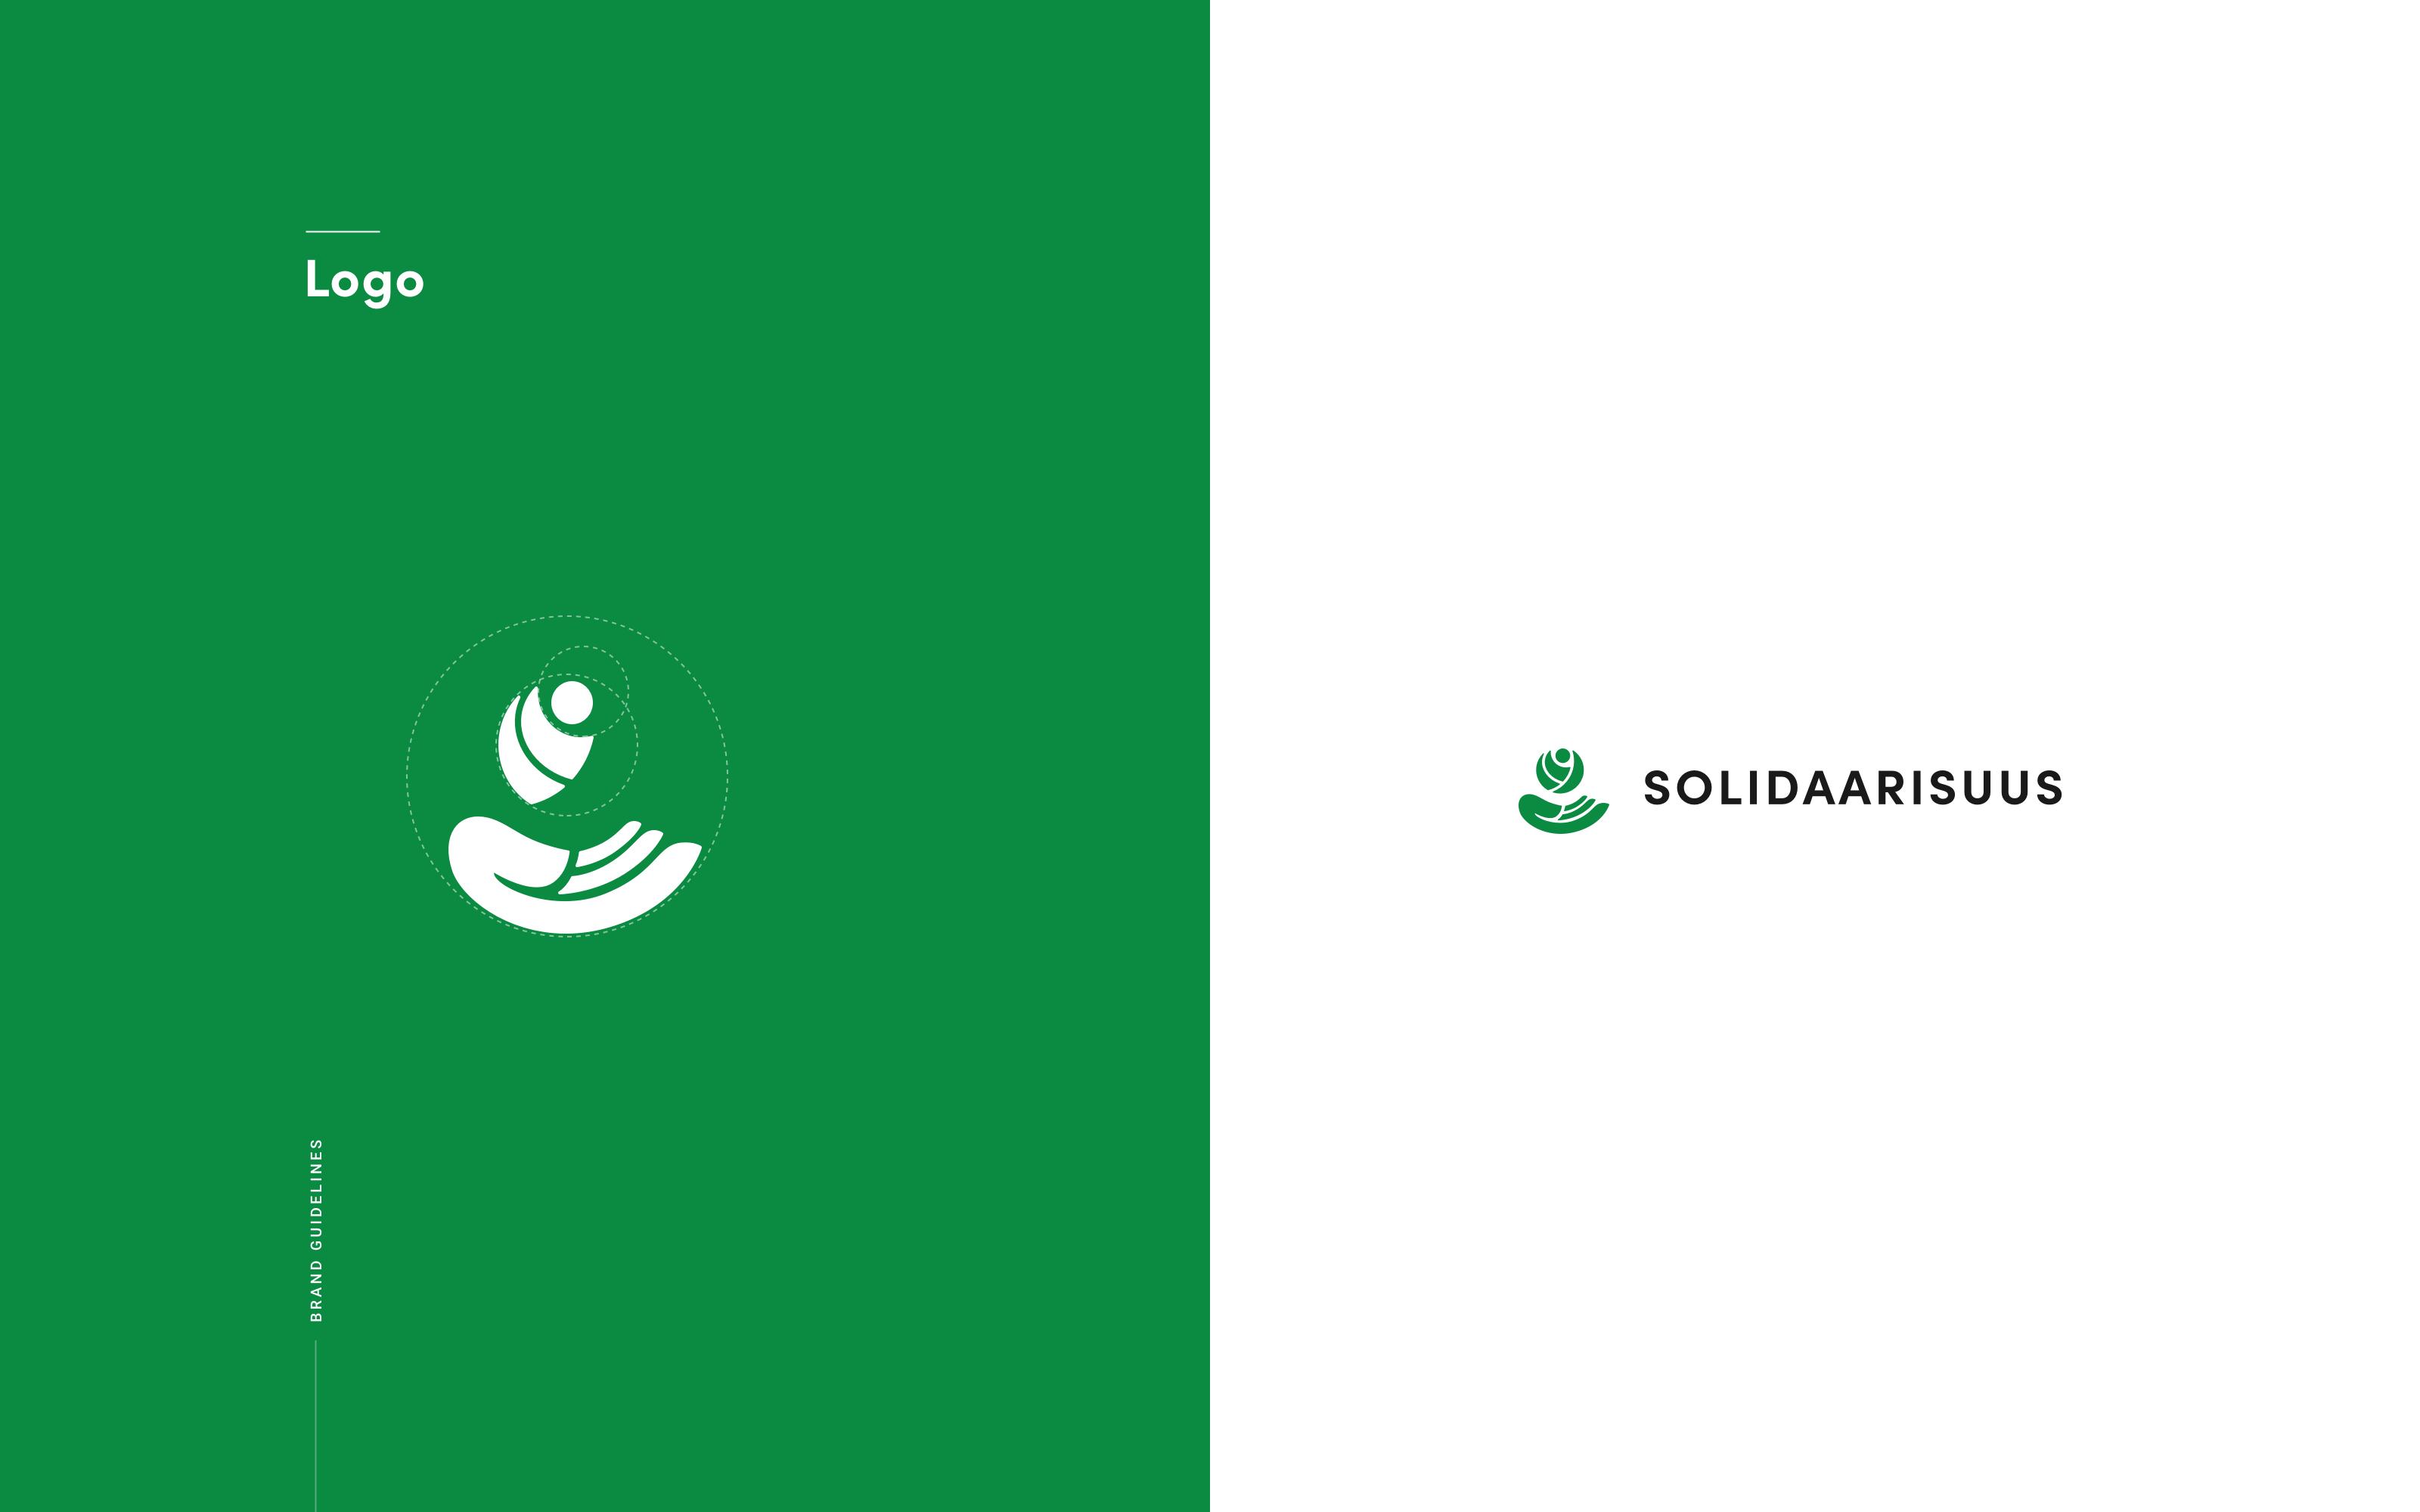 solidarity > image 2